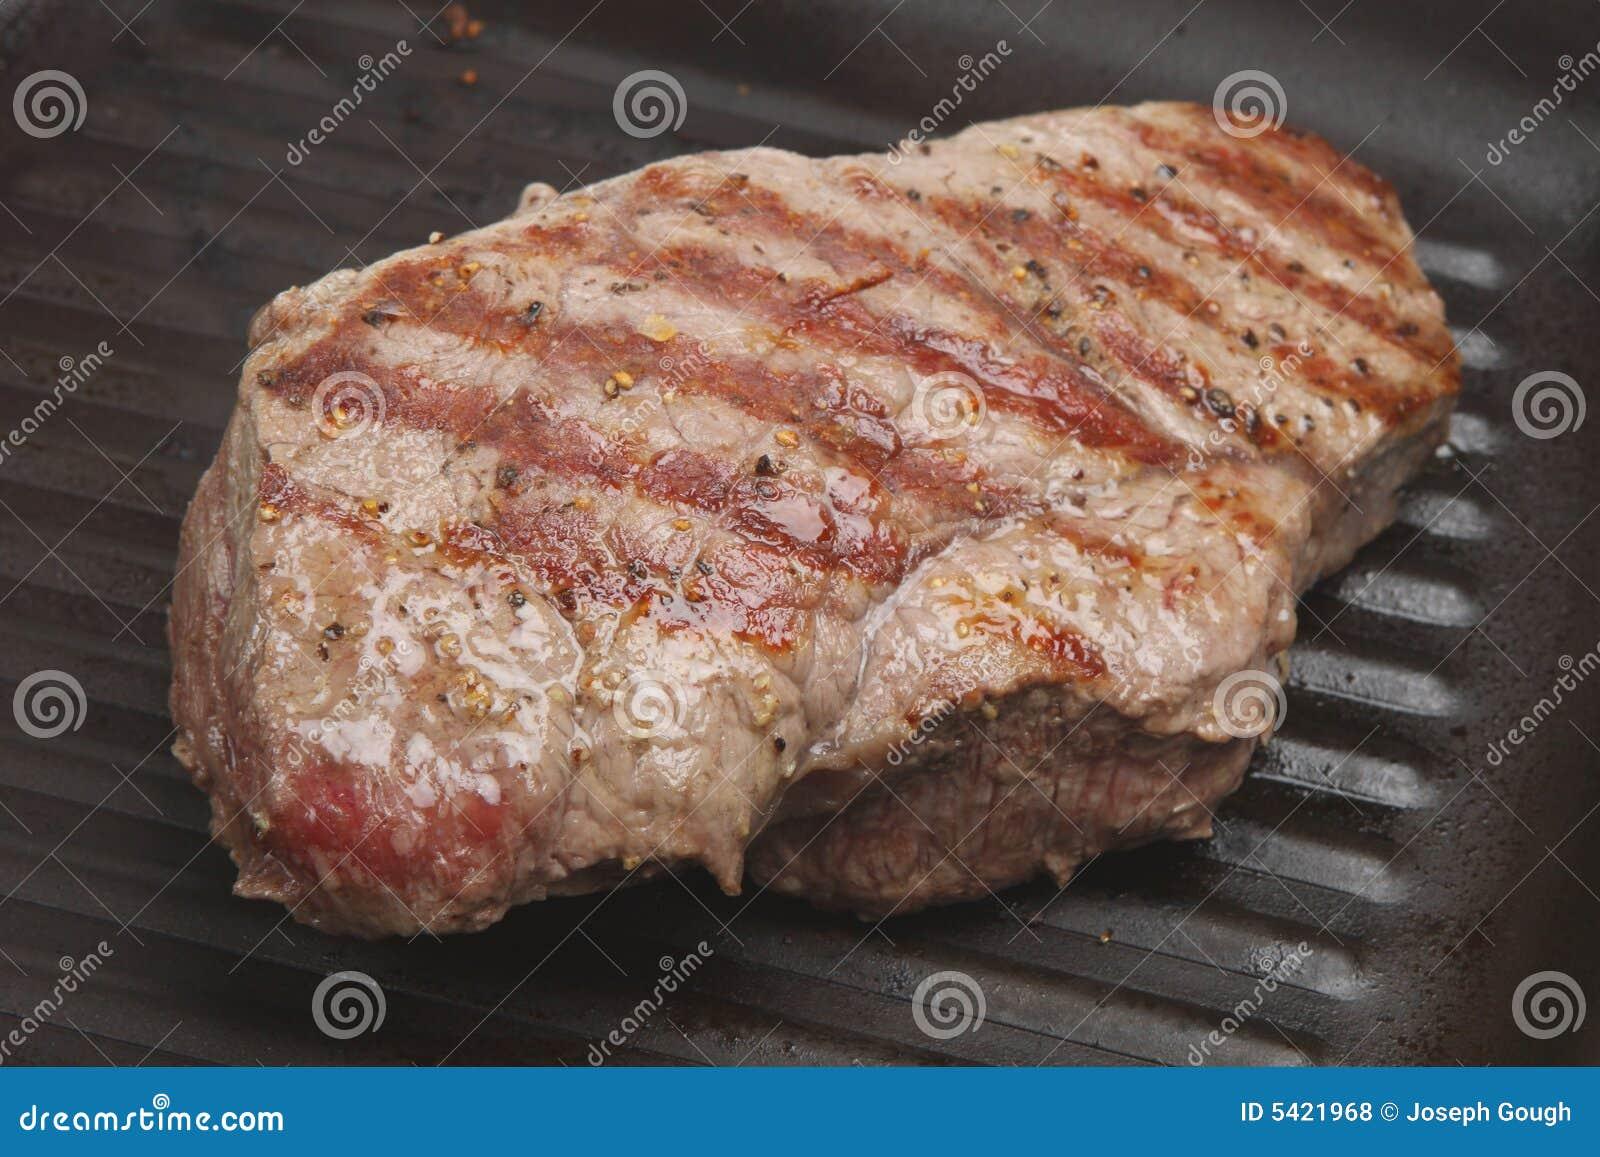 Pan-Fried Steak Royalty Free Stock Photos - Image: 5421968